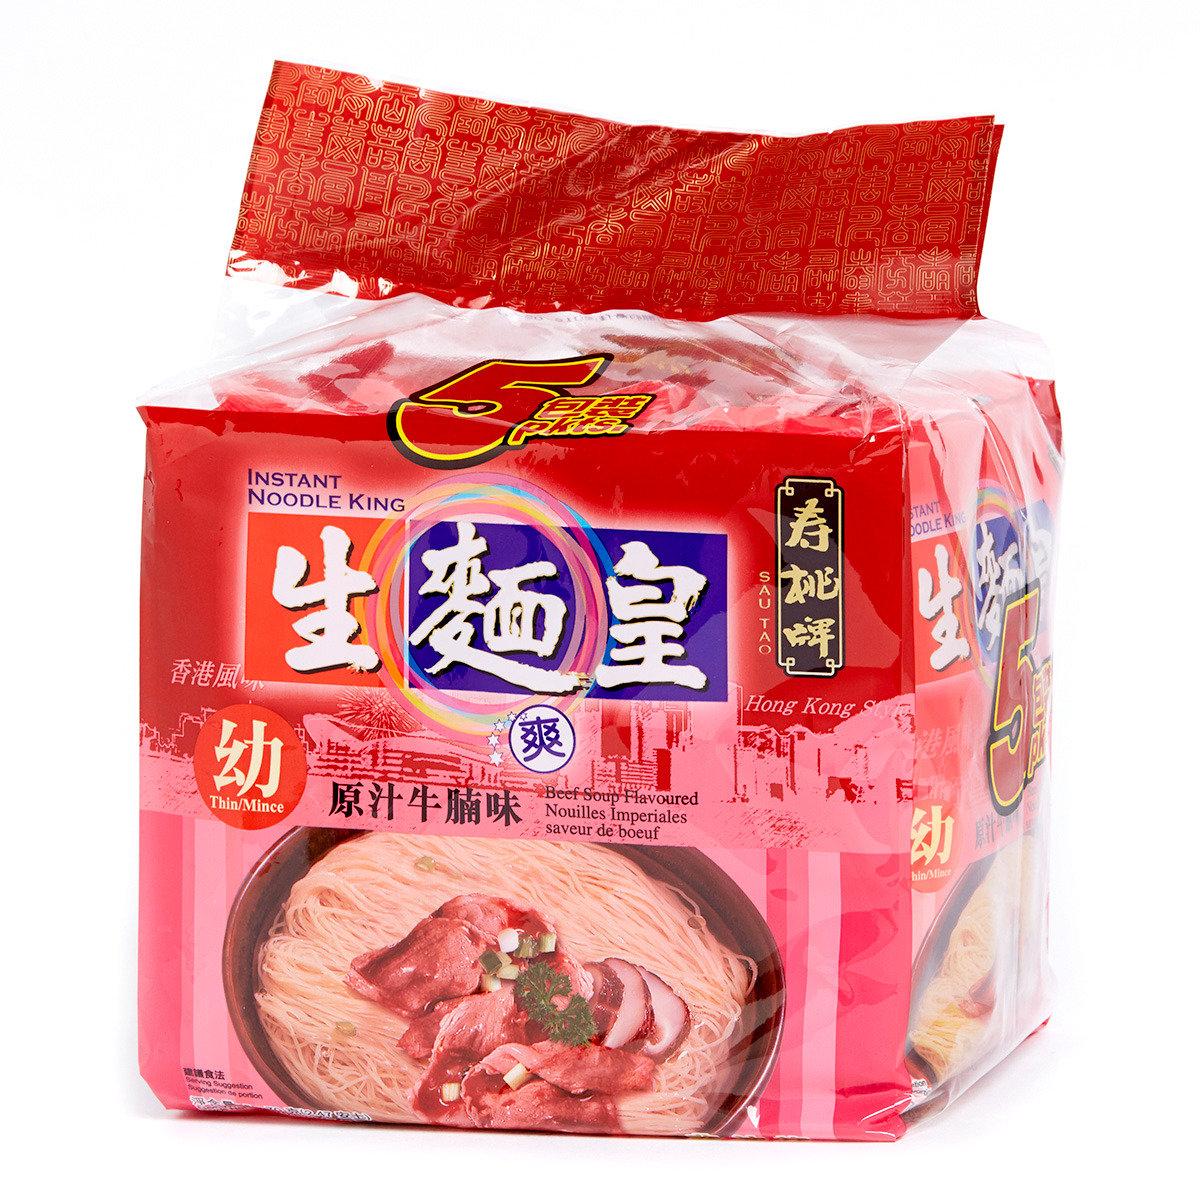 生麵皇 (幼) - 原汁牛腩味